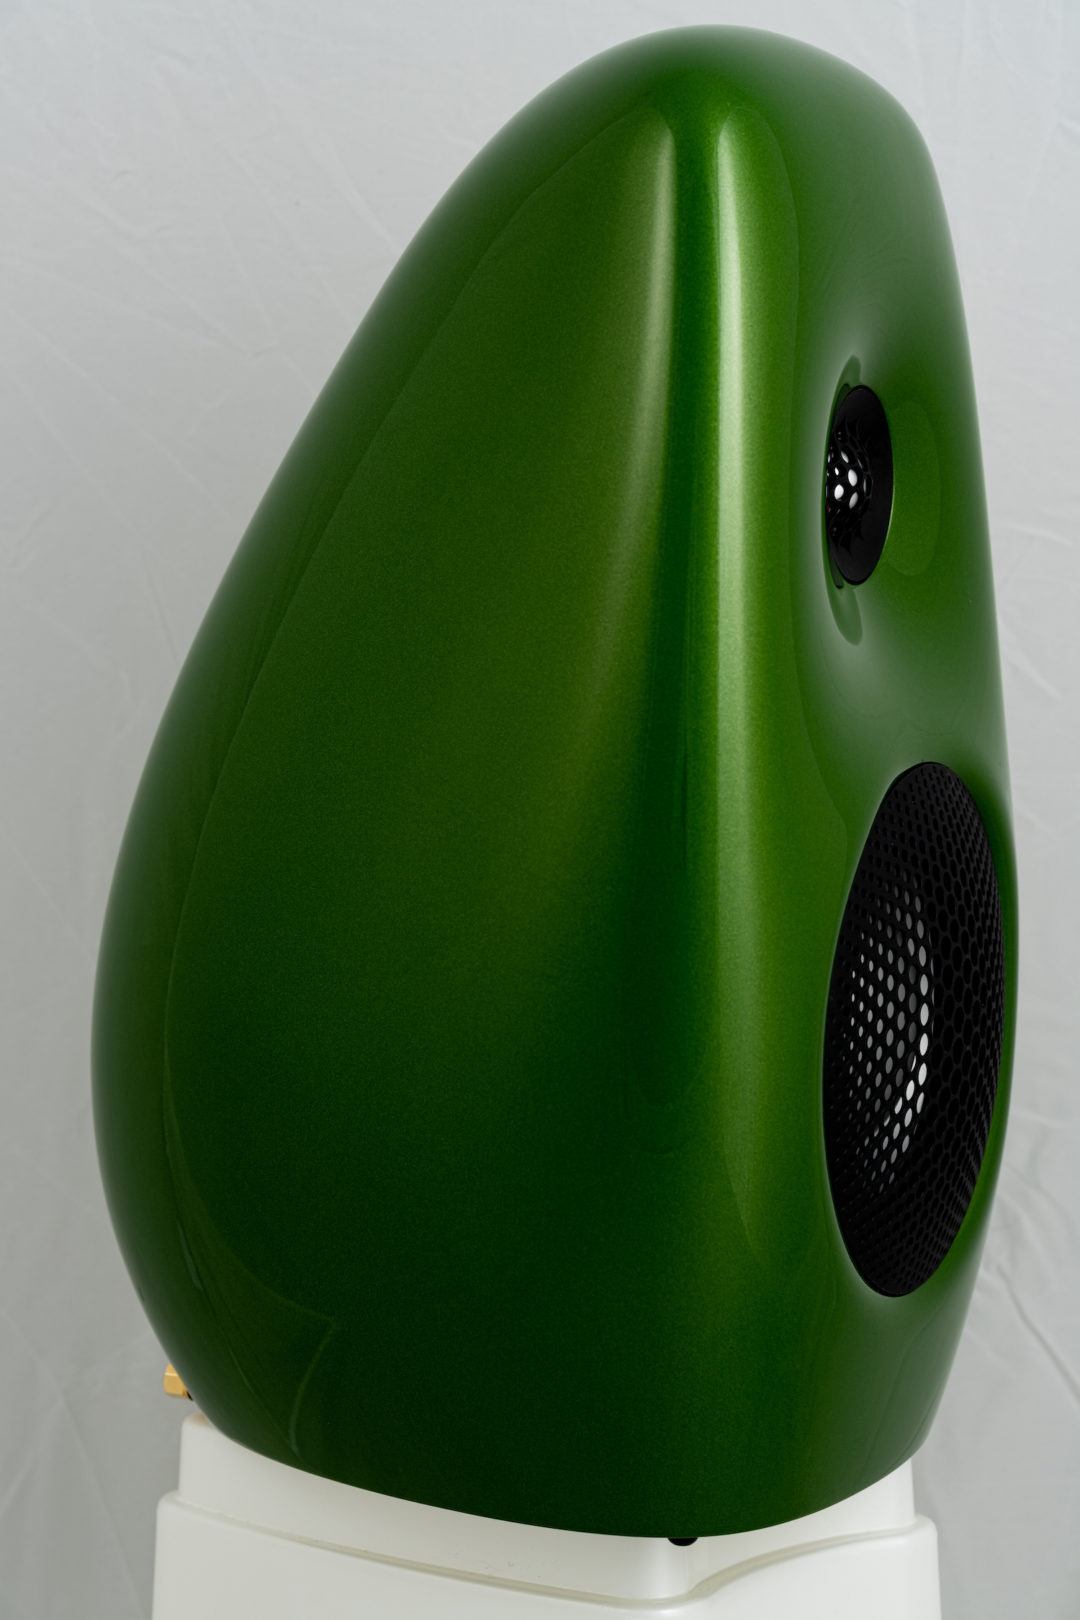 KAYA S12 Green